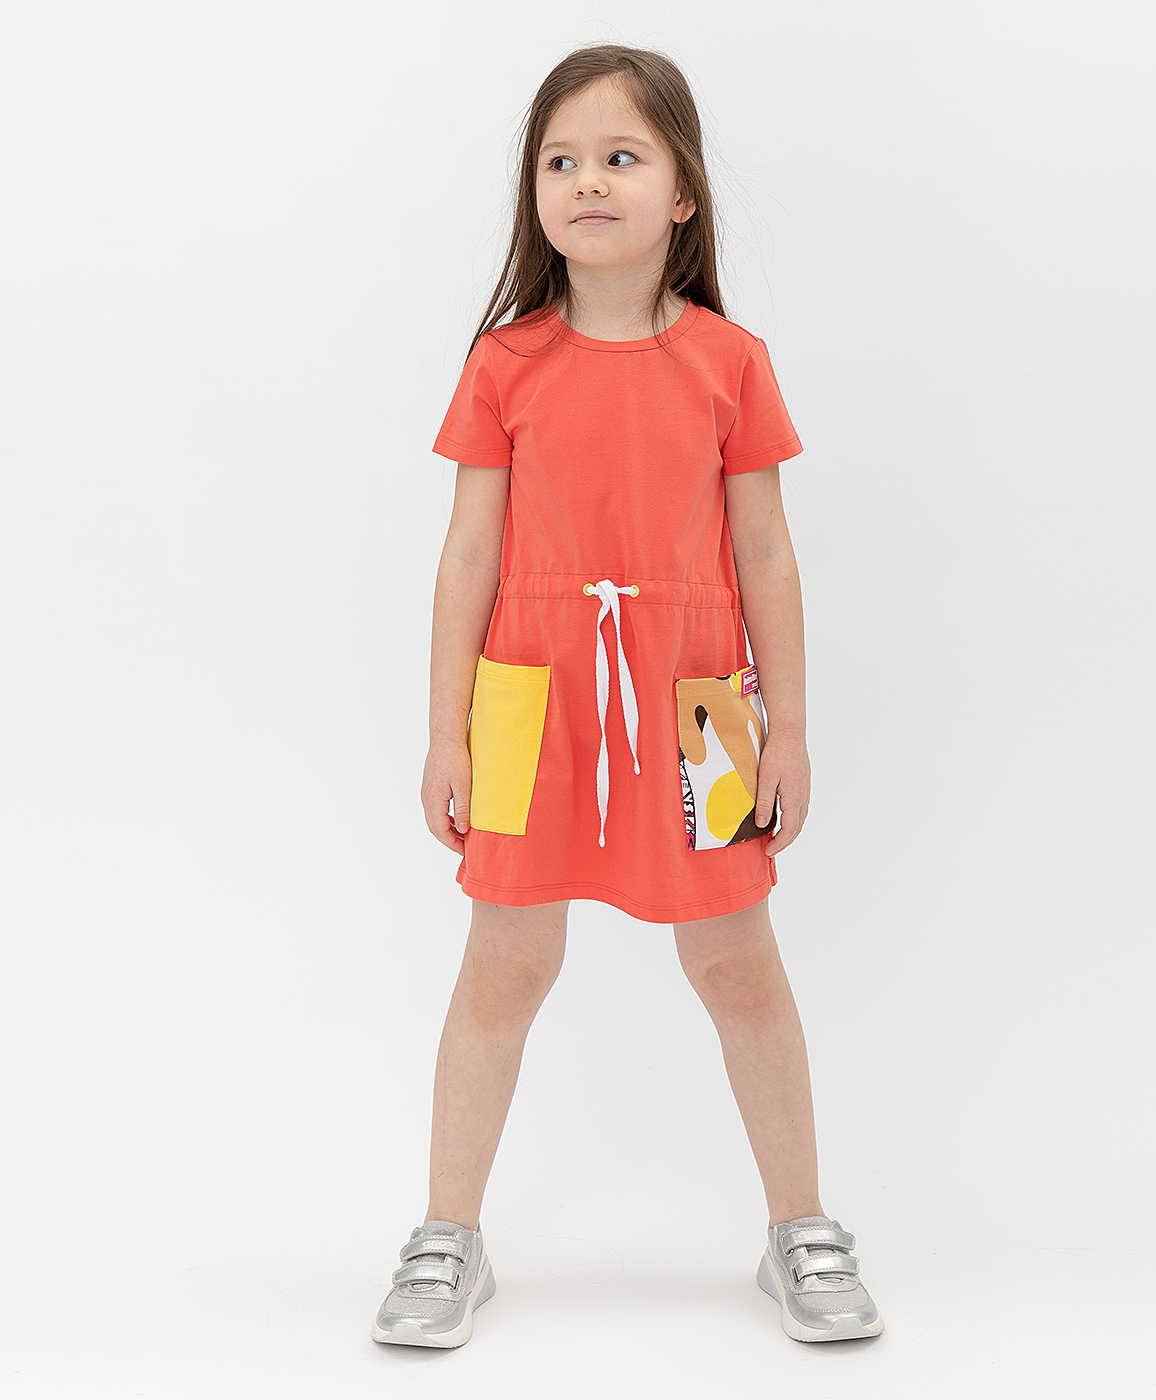 Купить 121BBGMC50073200, Оранжевое платье Button Blue, оранжевый, 122, Кроёный трикотаж, Женский, Лето, ВЕСНА/ЛЕТО 2021 (shop: GulliverMarket Gulliver Market)